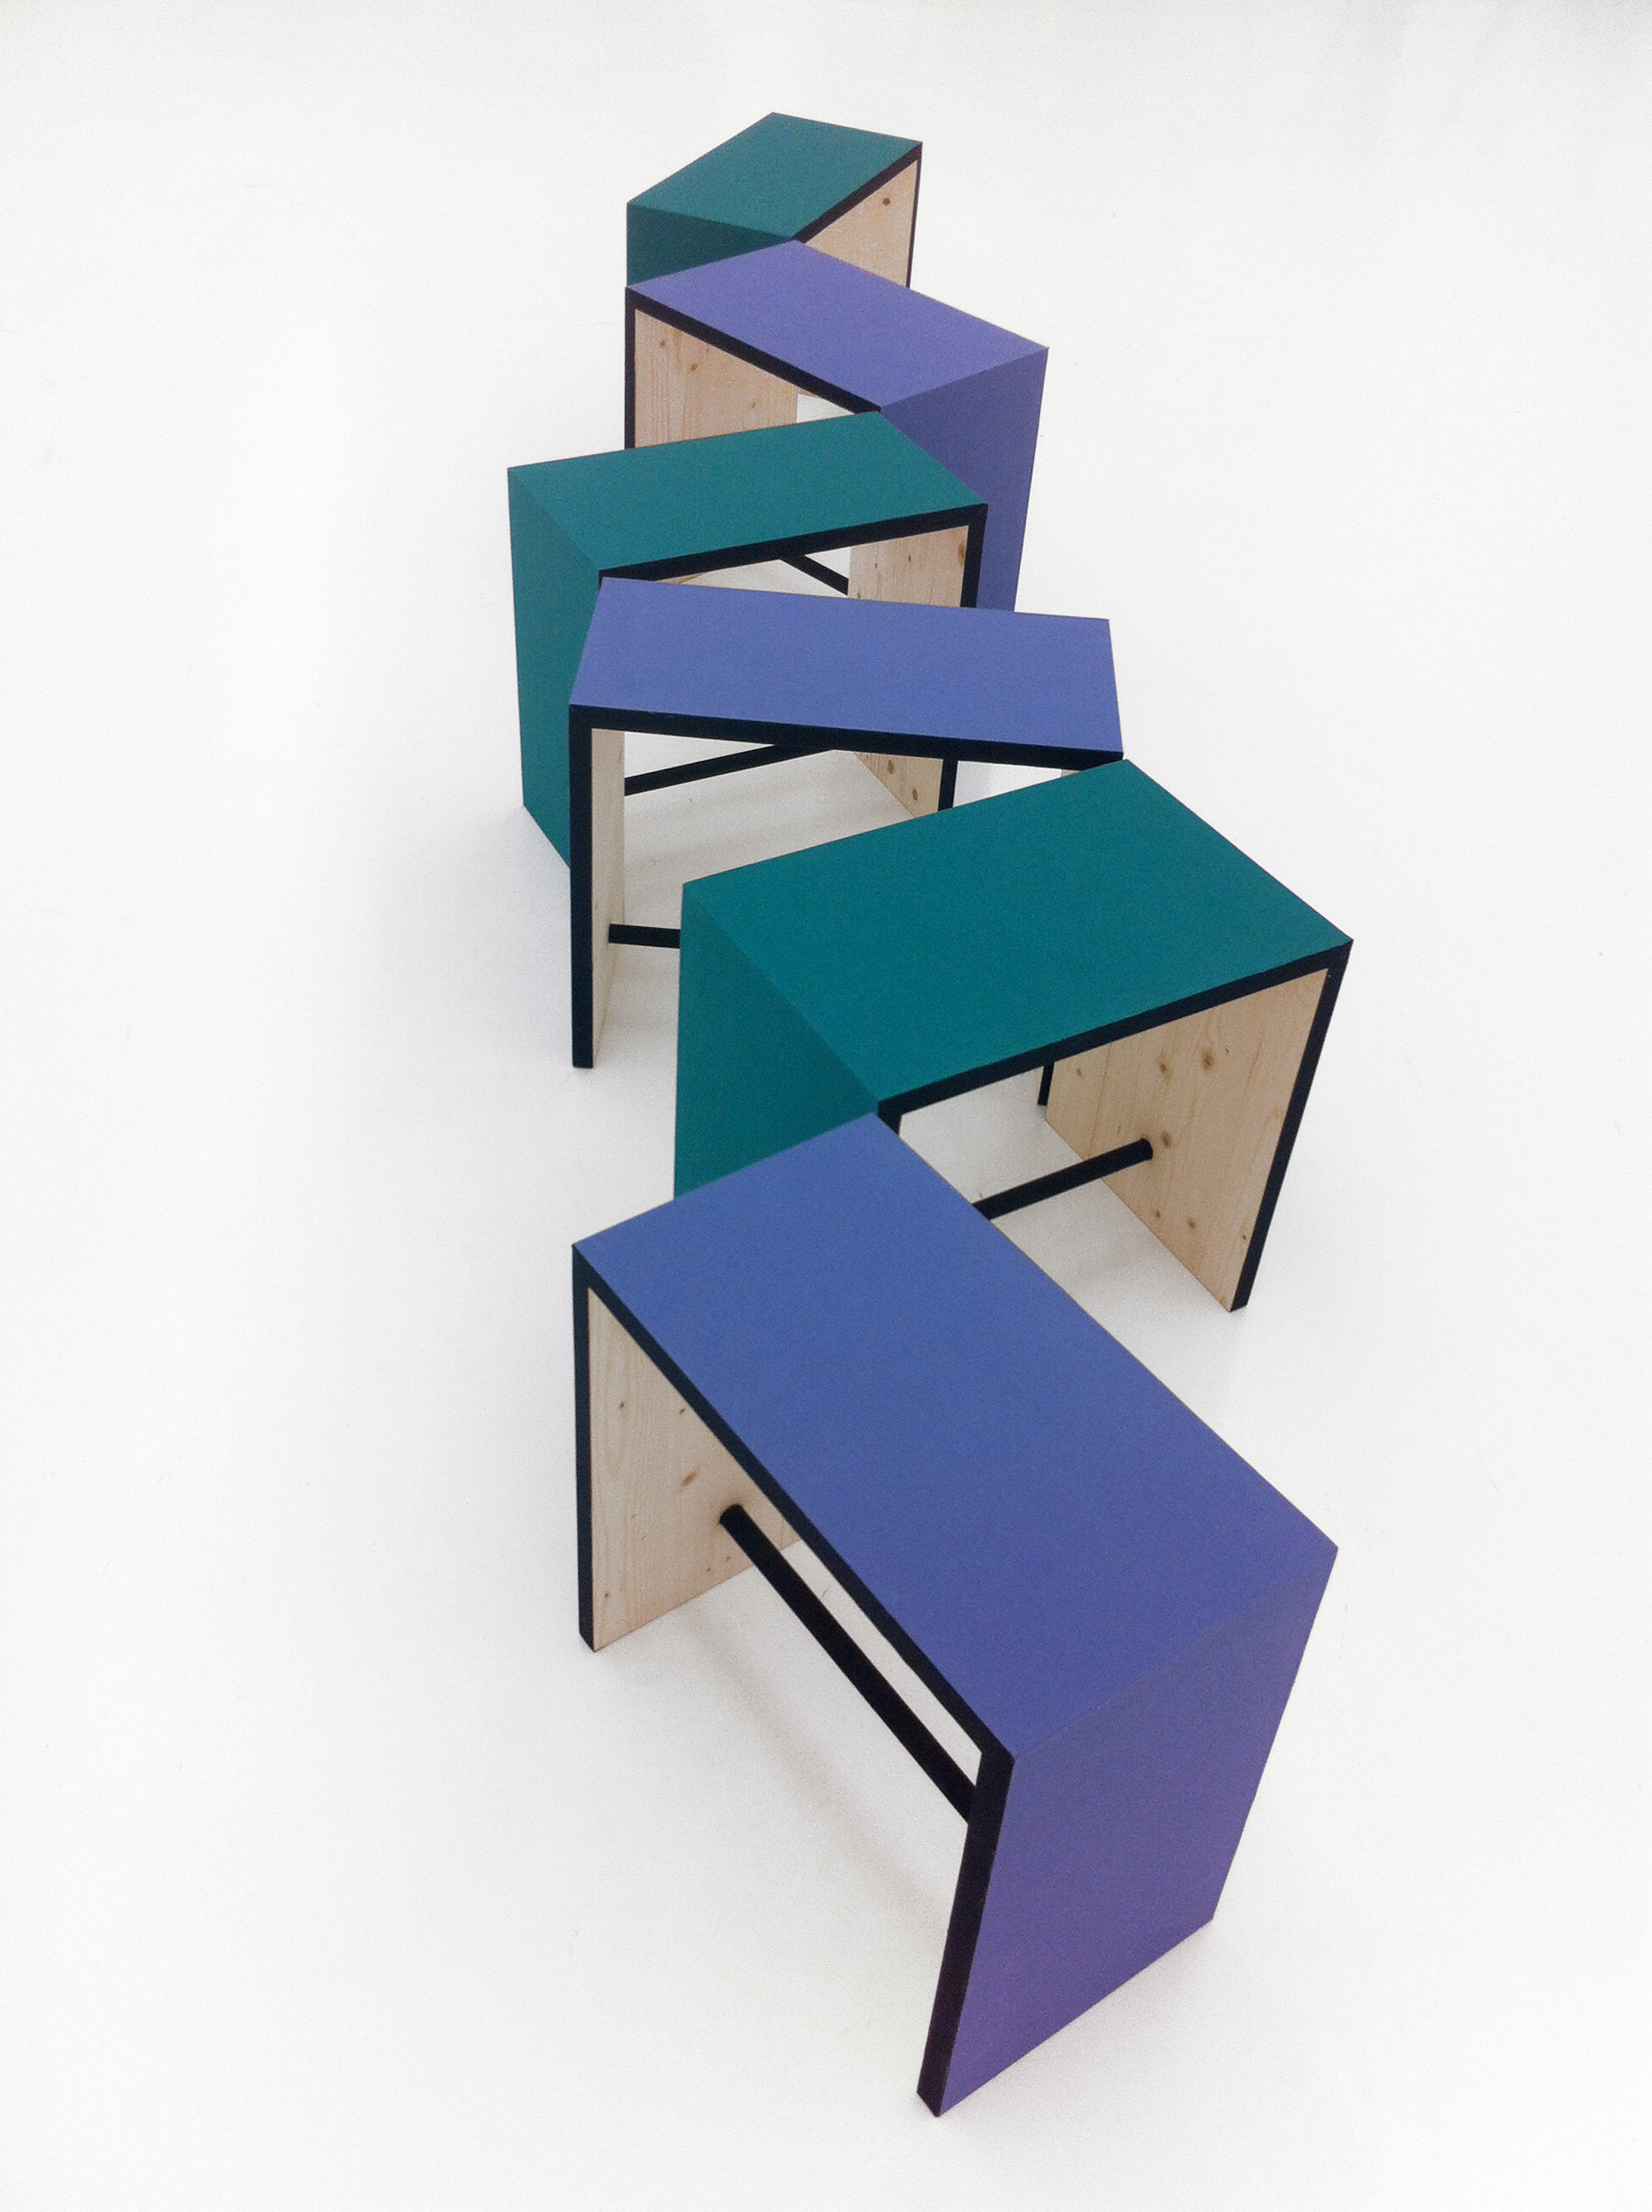 Billow Bench, 2012 Holz mit Buchleinen überzogen, Scharniere ca 300 x 45 x 50 cm